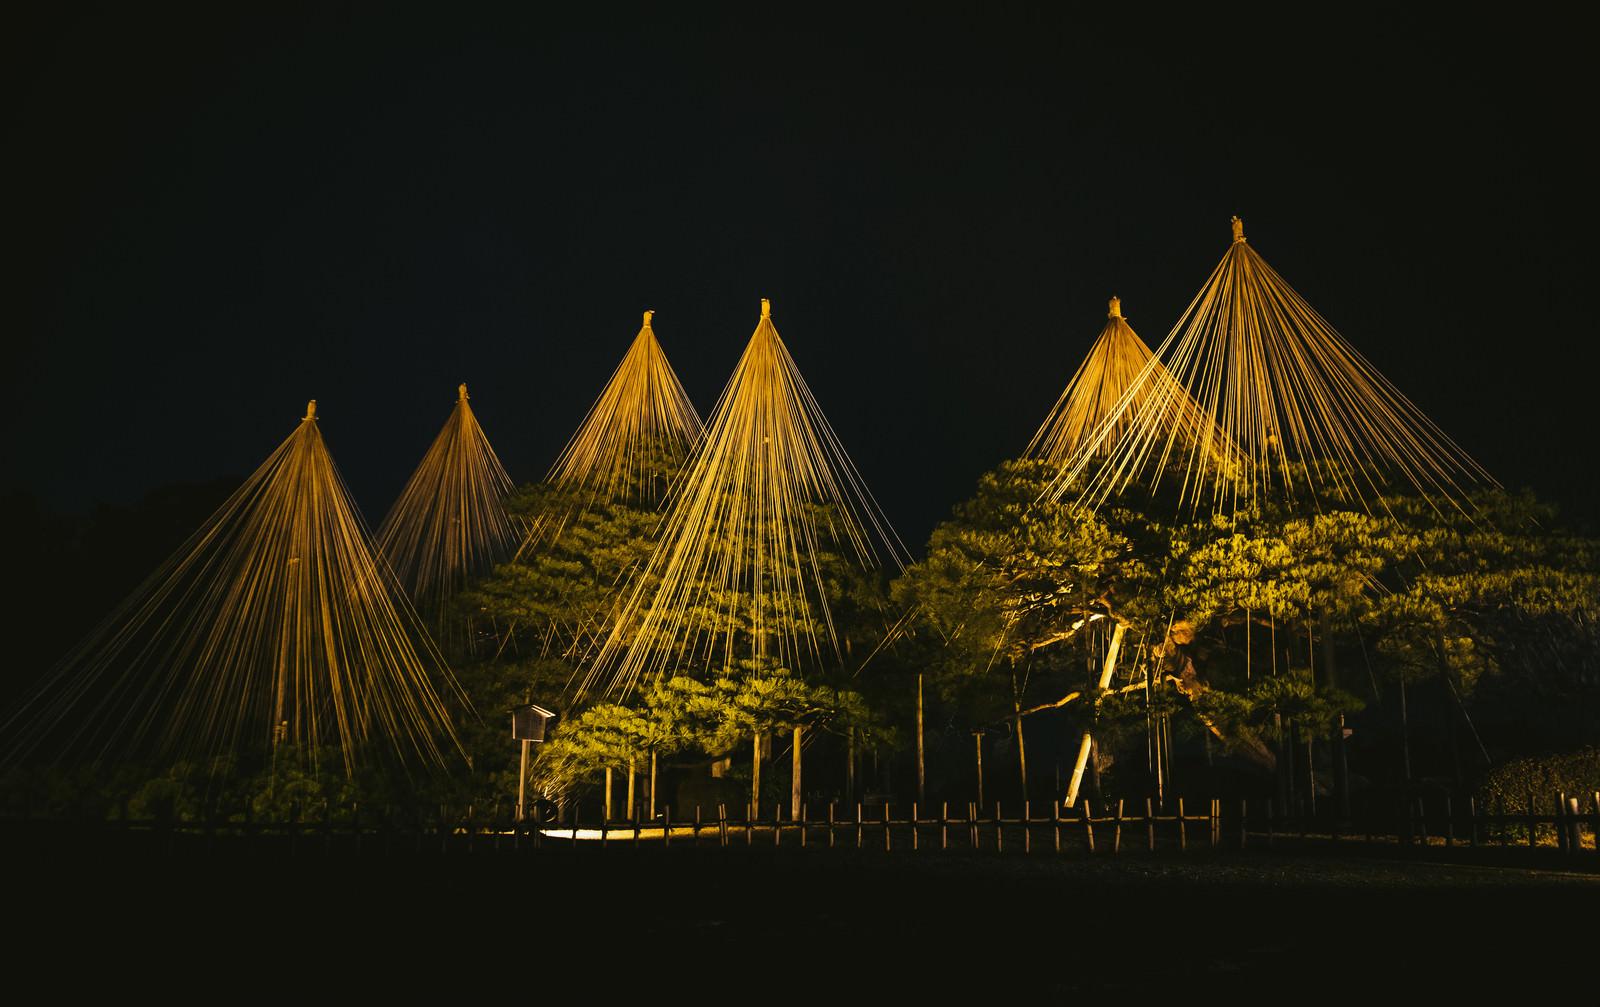 「ライトアップされた雪吊りの風景(りんご吊り) | 写真の無料素材・フリー素材 - ぱくたそ」の写真